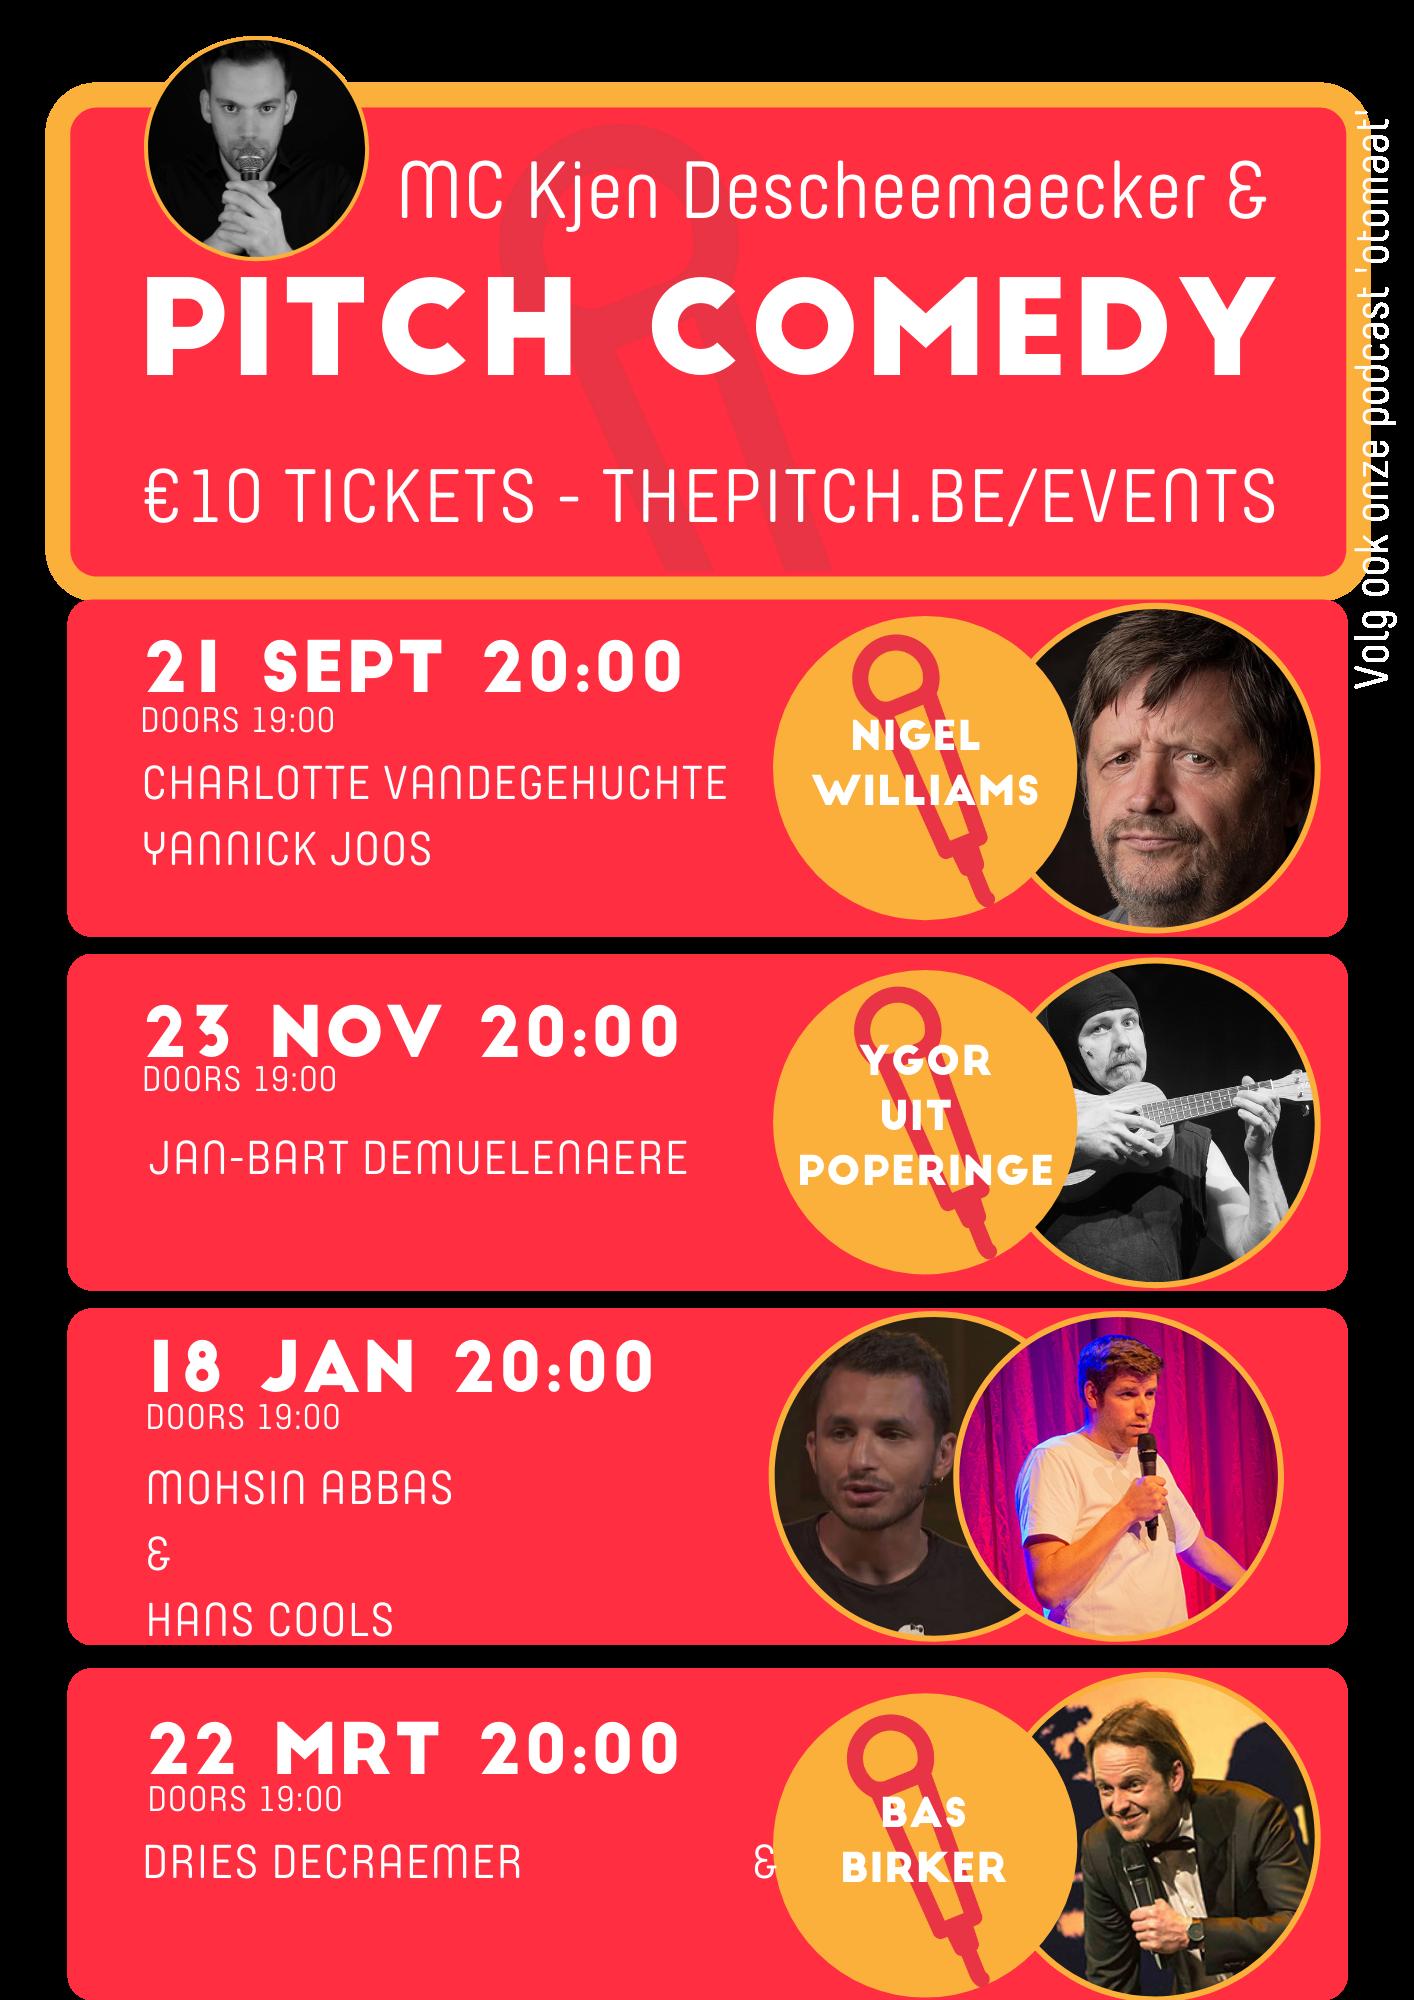 Pitch comedy kalender 2021